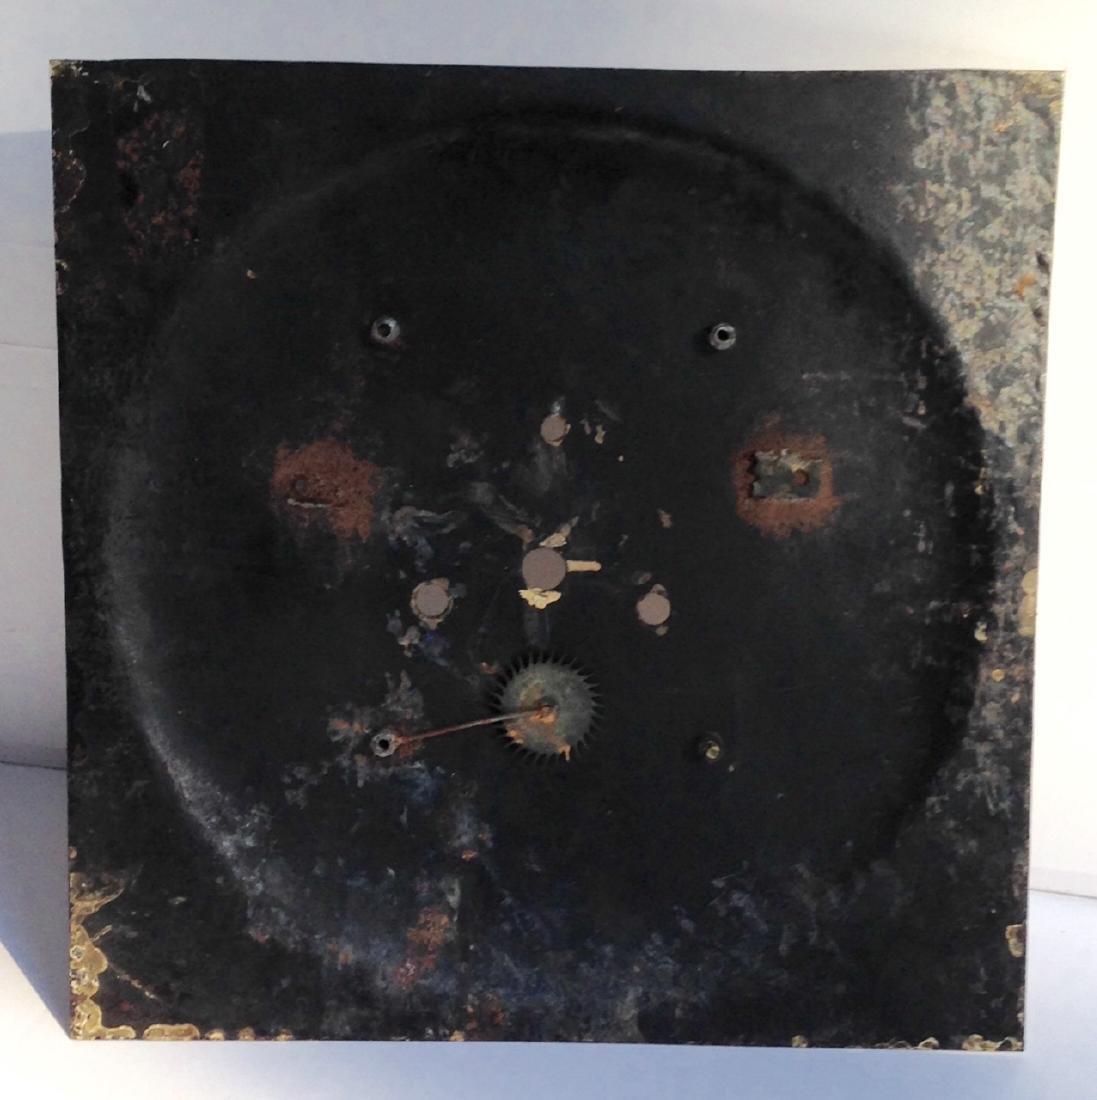 19th C Iron Clock Face in Original Paint - 5